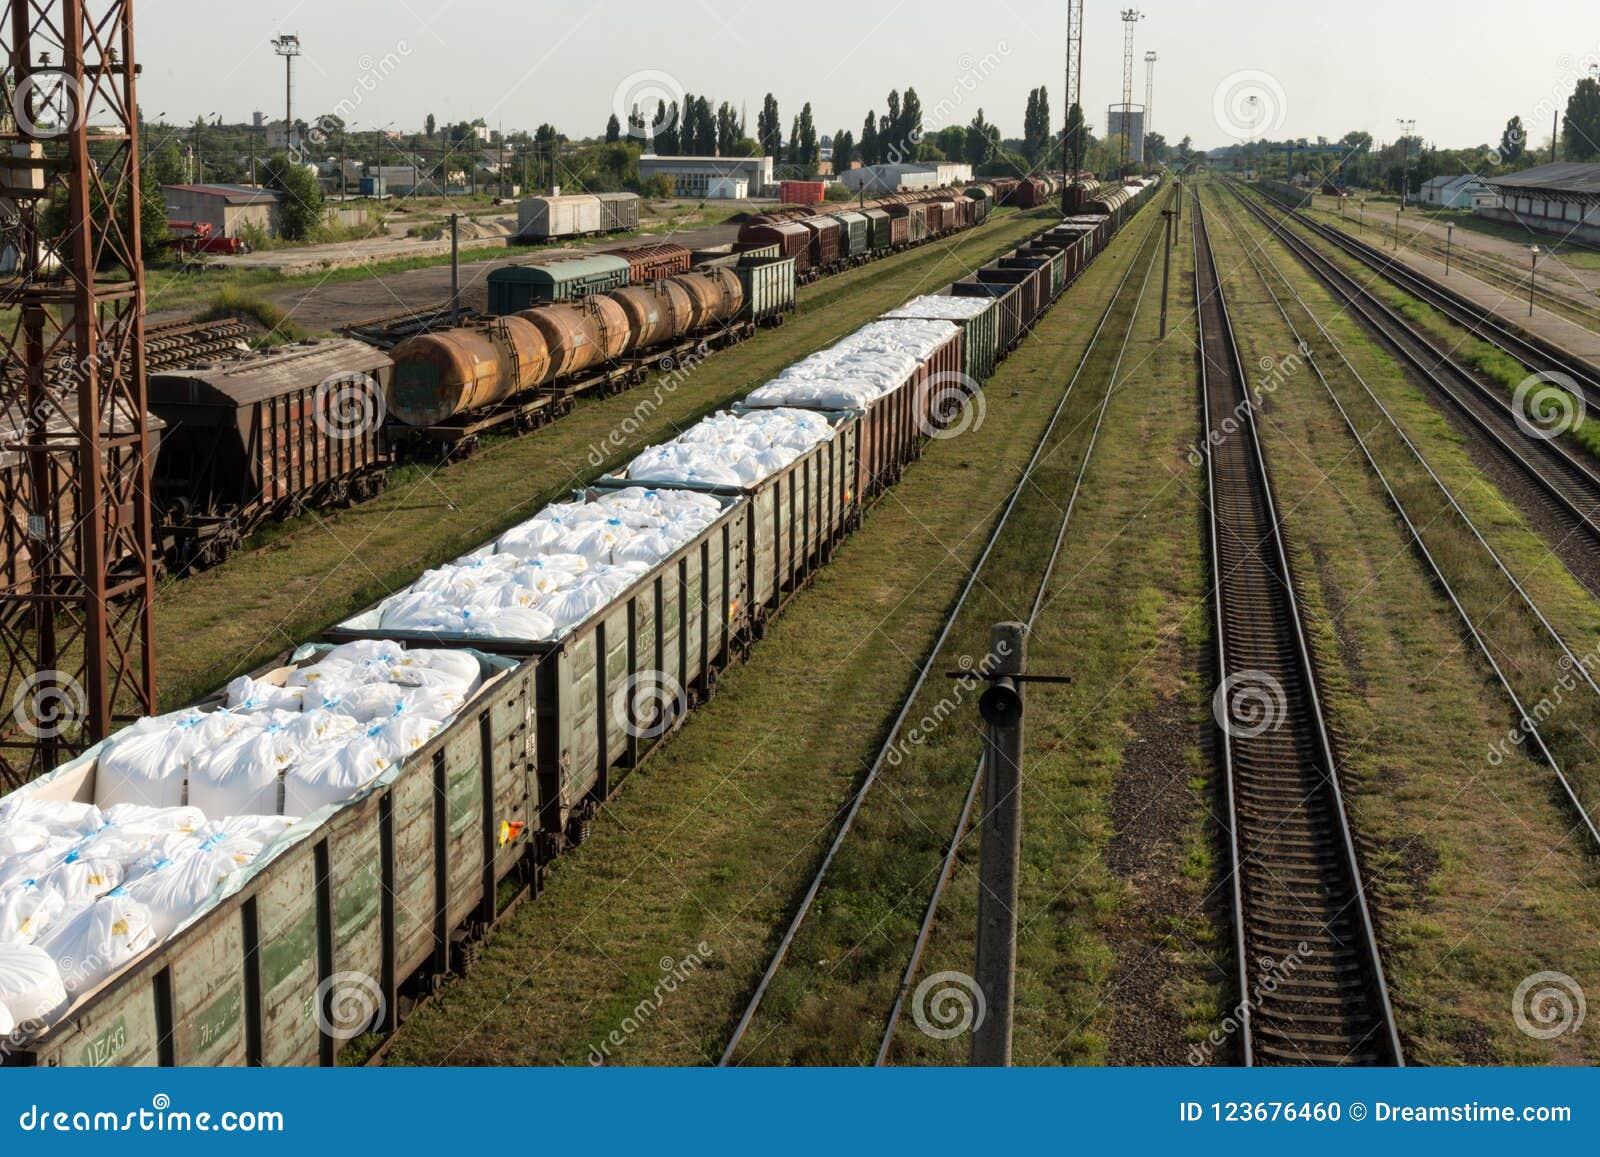 Поезд груза железнодорожный вокзал